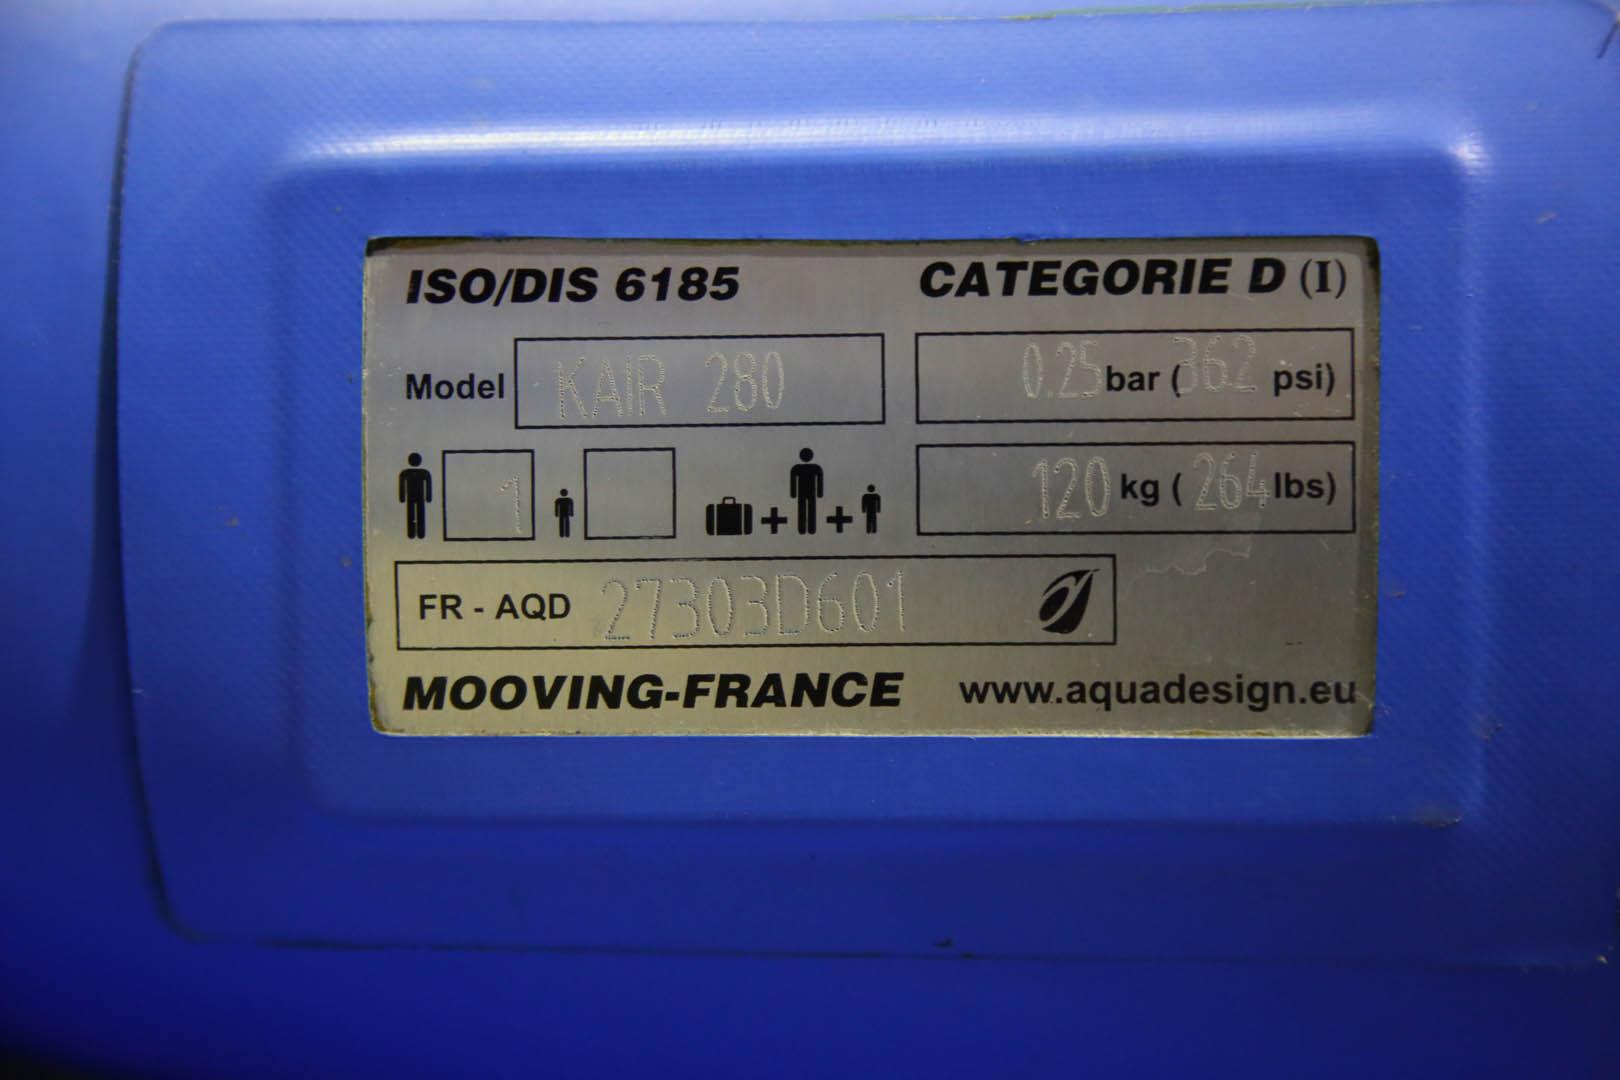 K-AIR 280 bleu 273 03 D6 01 A (1)